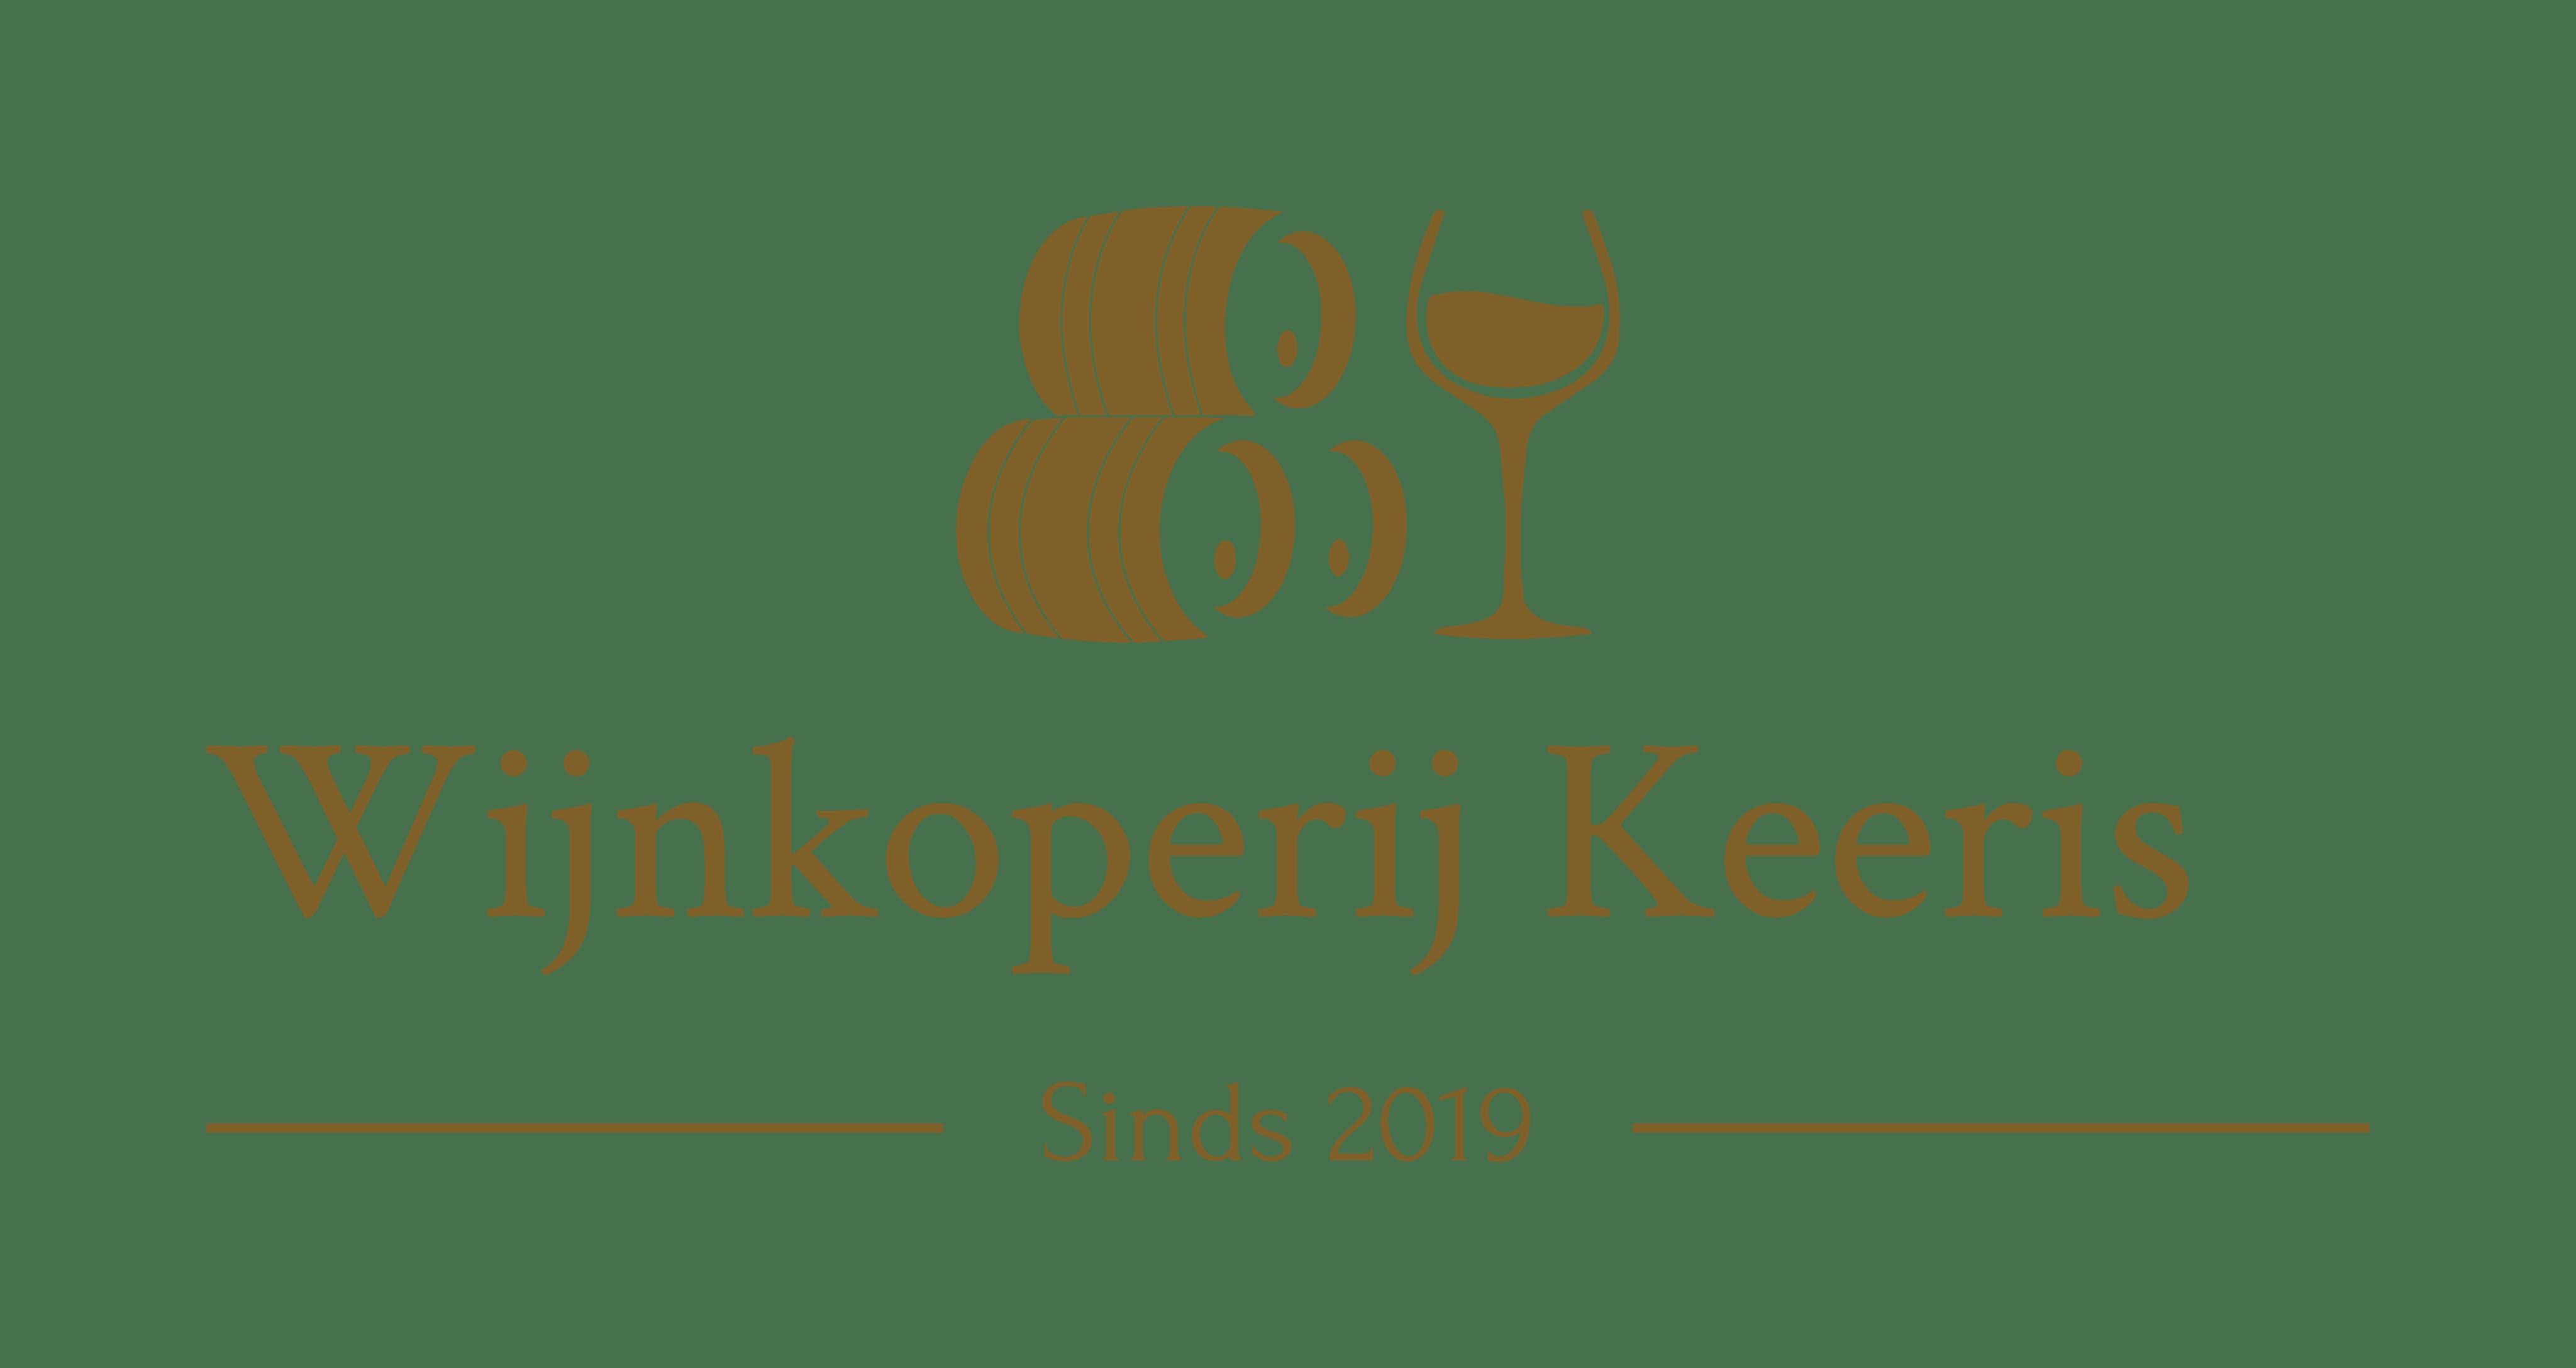 logo-wijnkoperij-Keeris.png